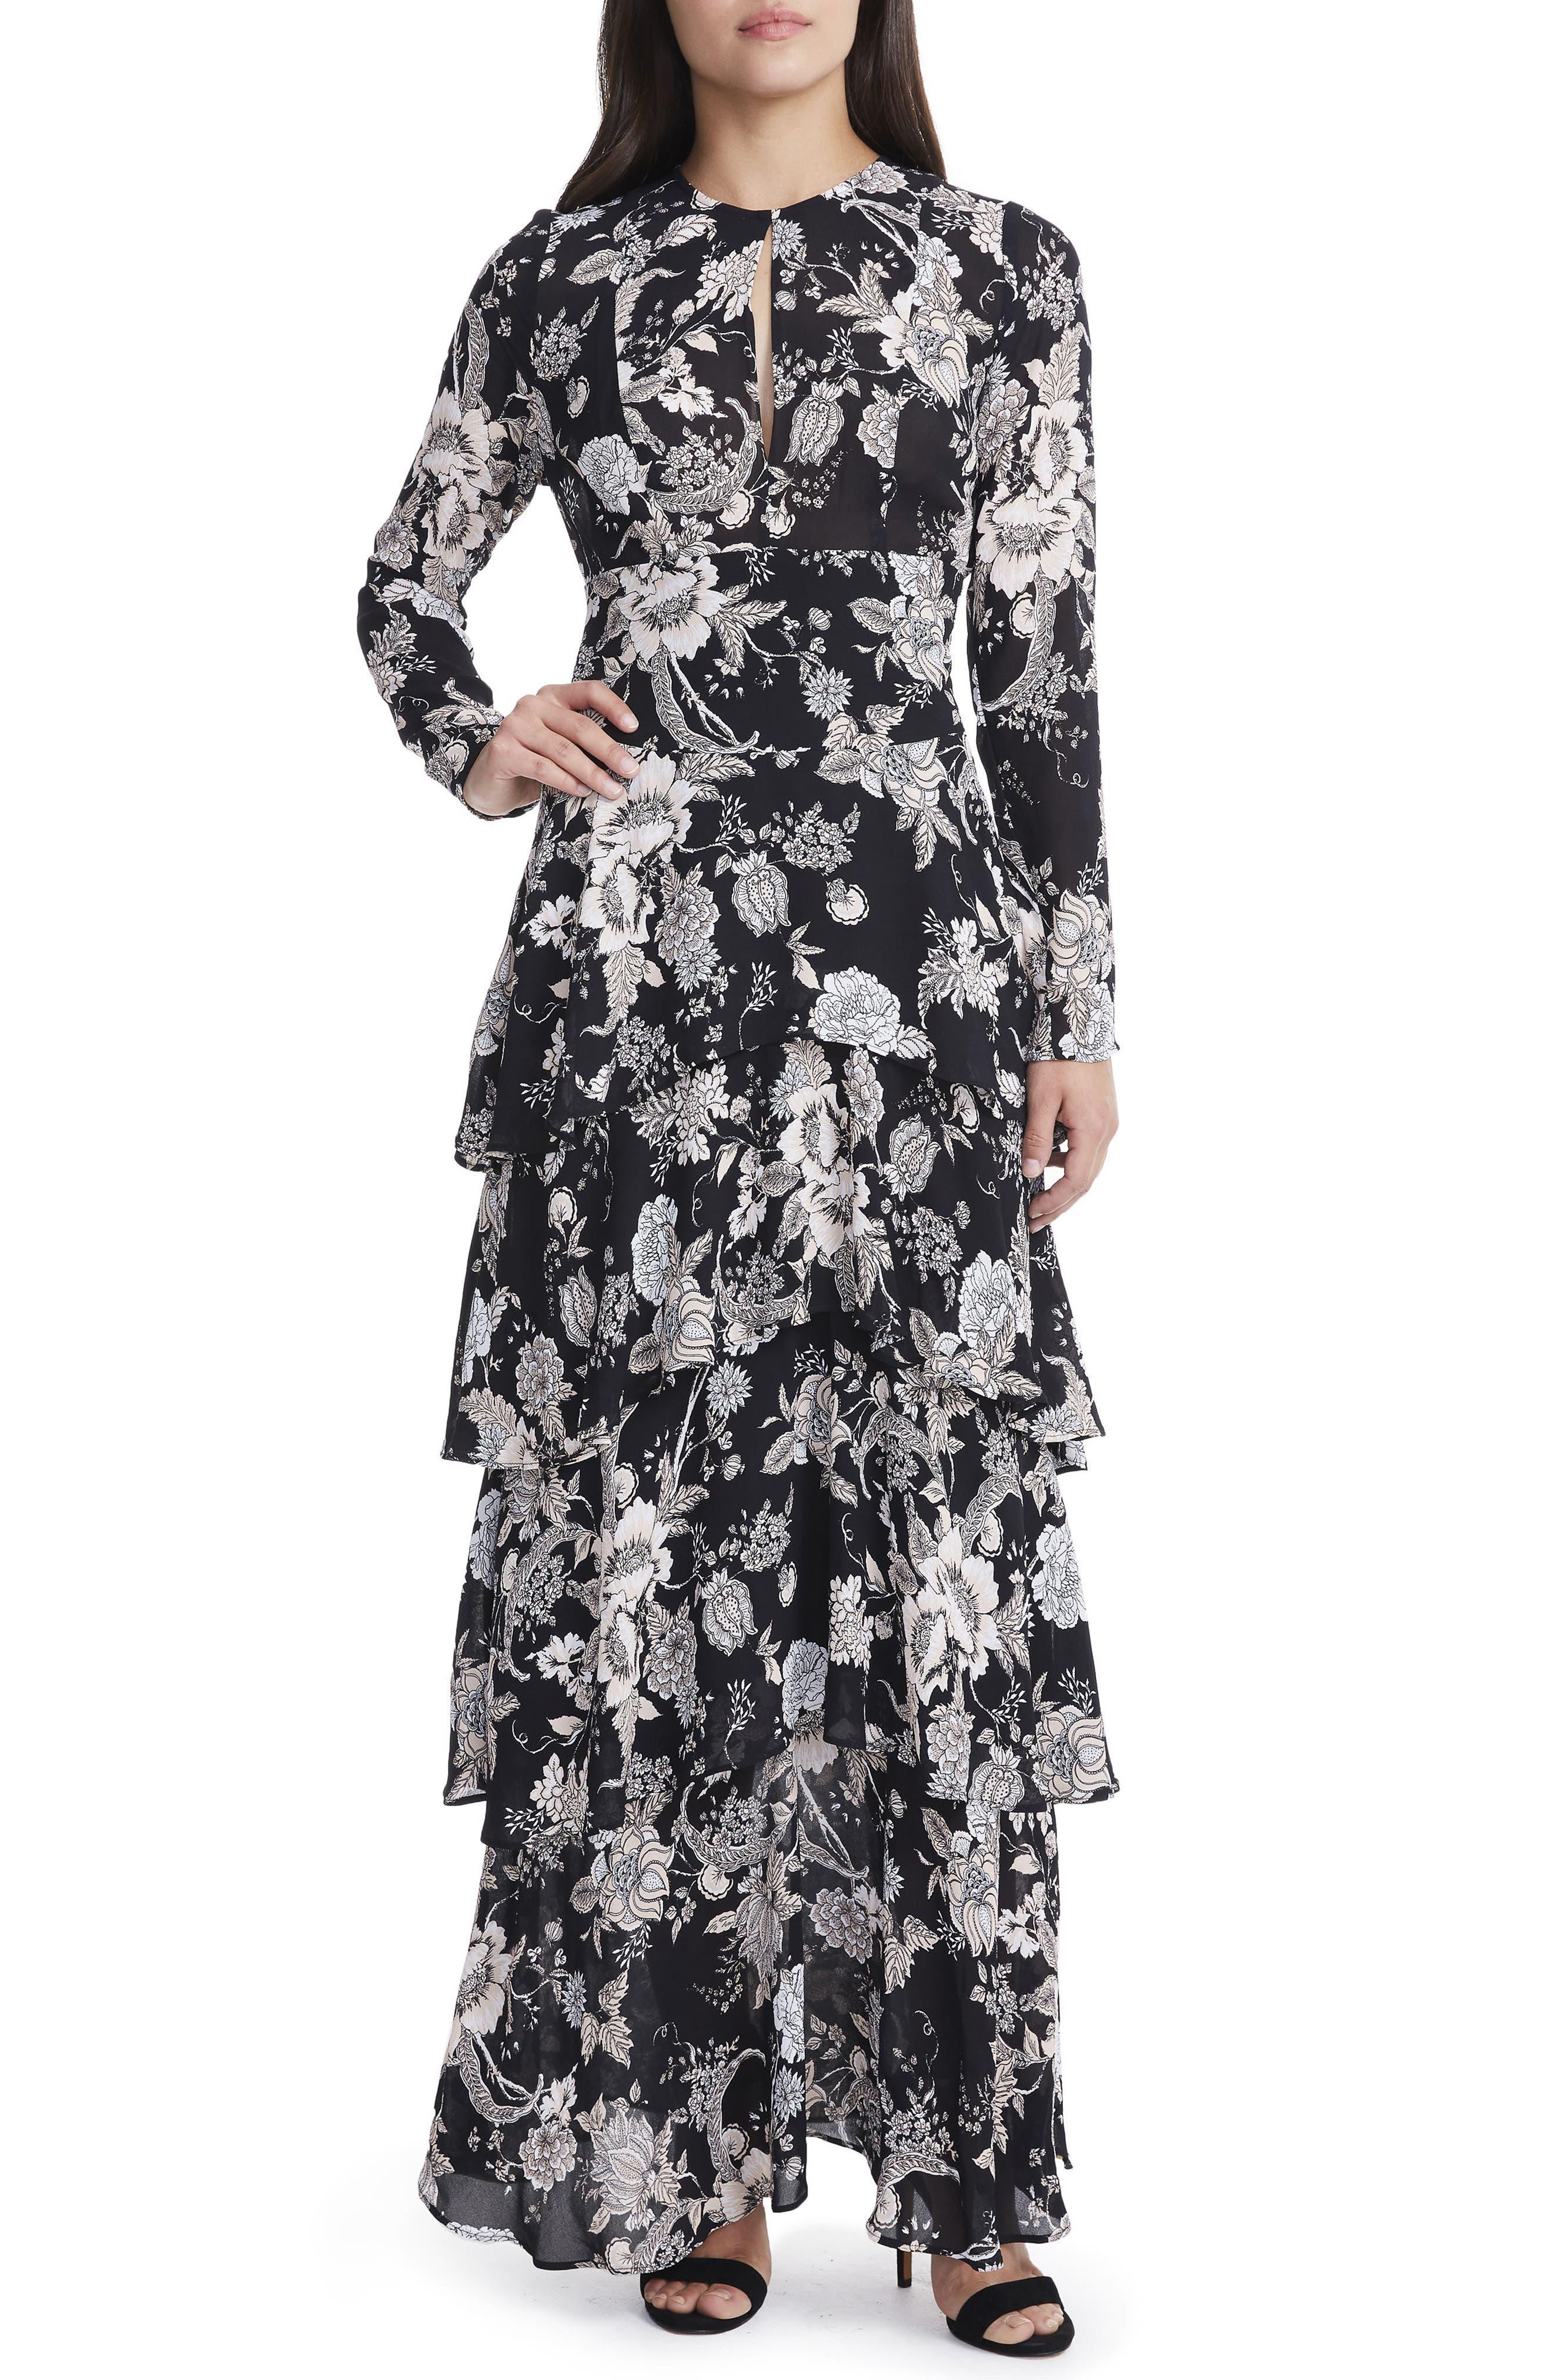 Amabella Tiered Maxi Dress,                             Main thumbnail 1, color,                             001